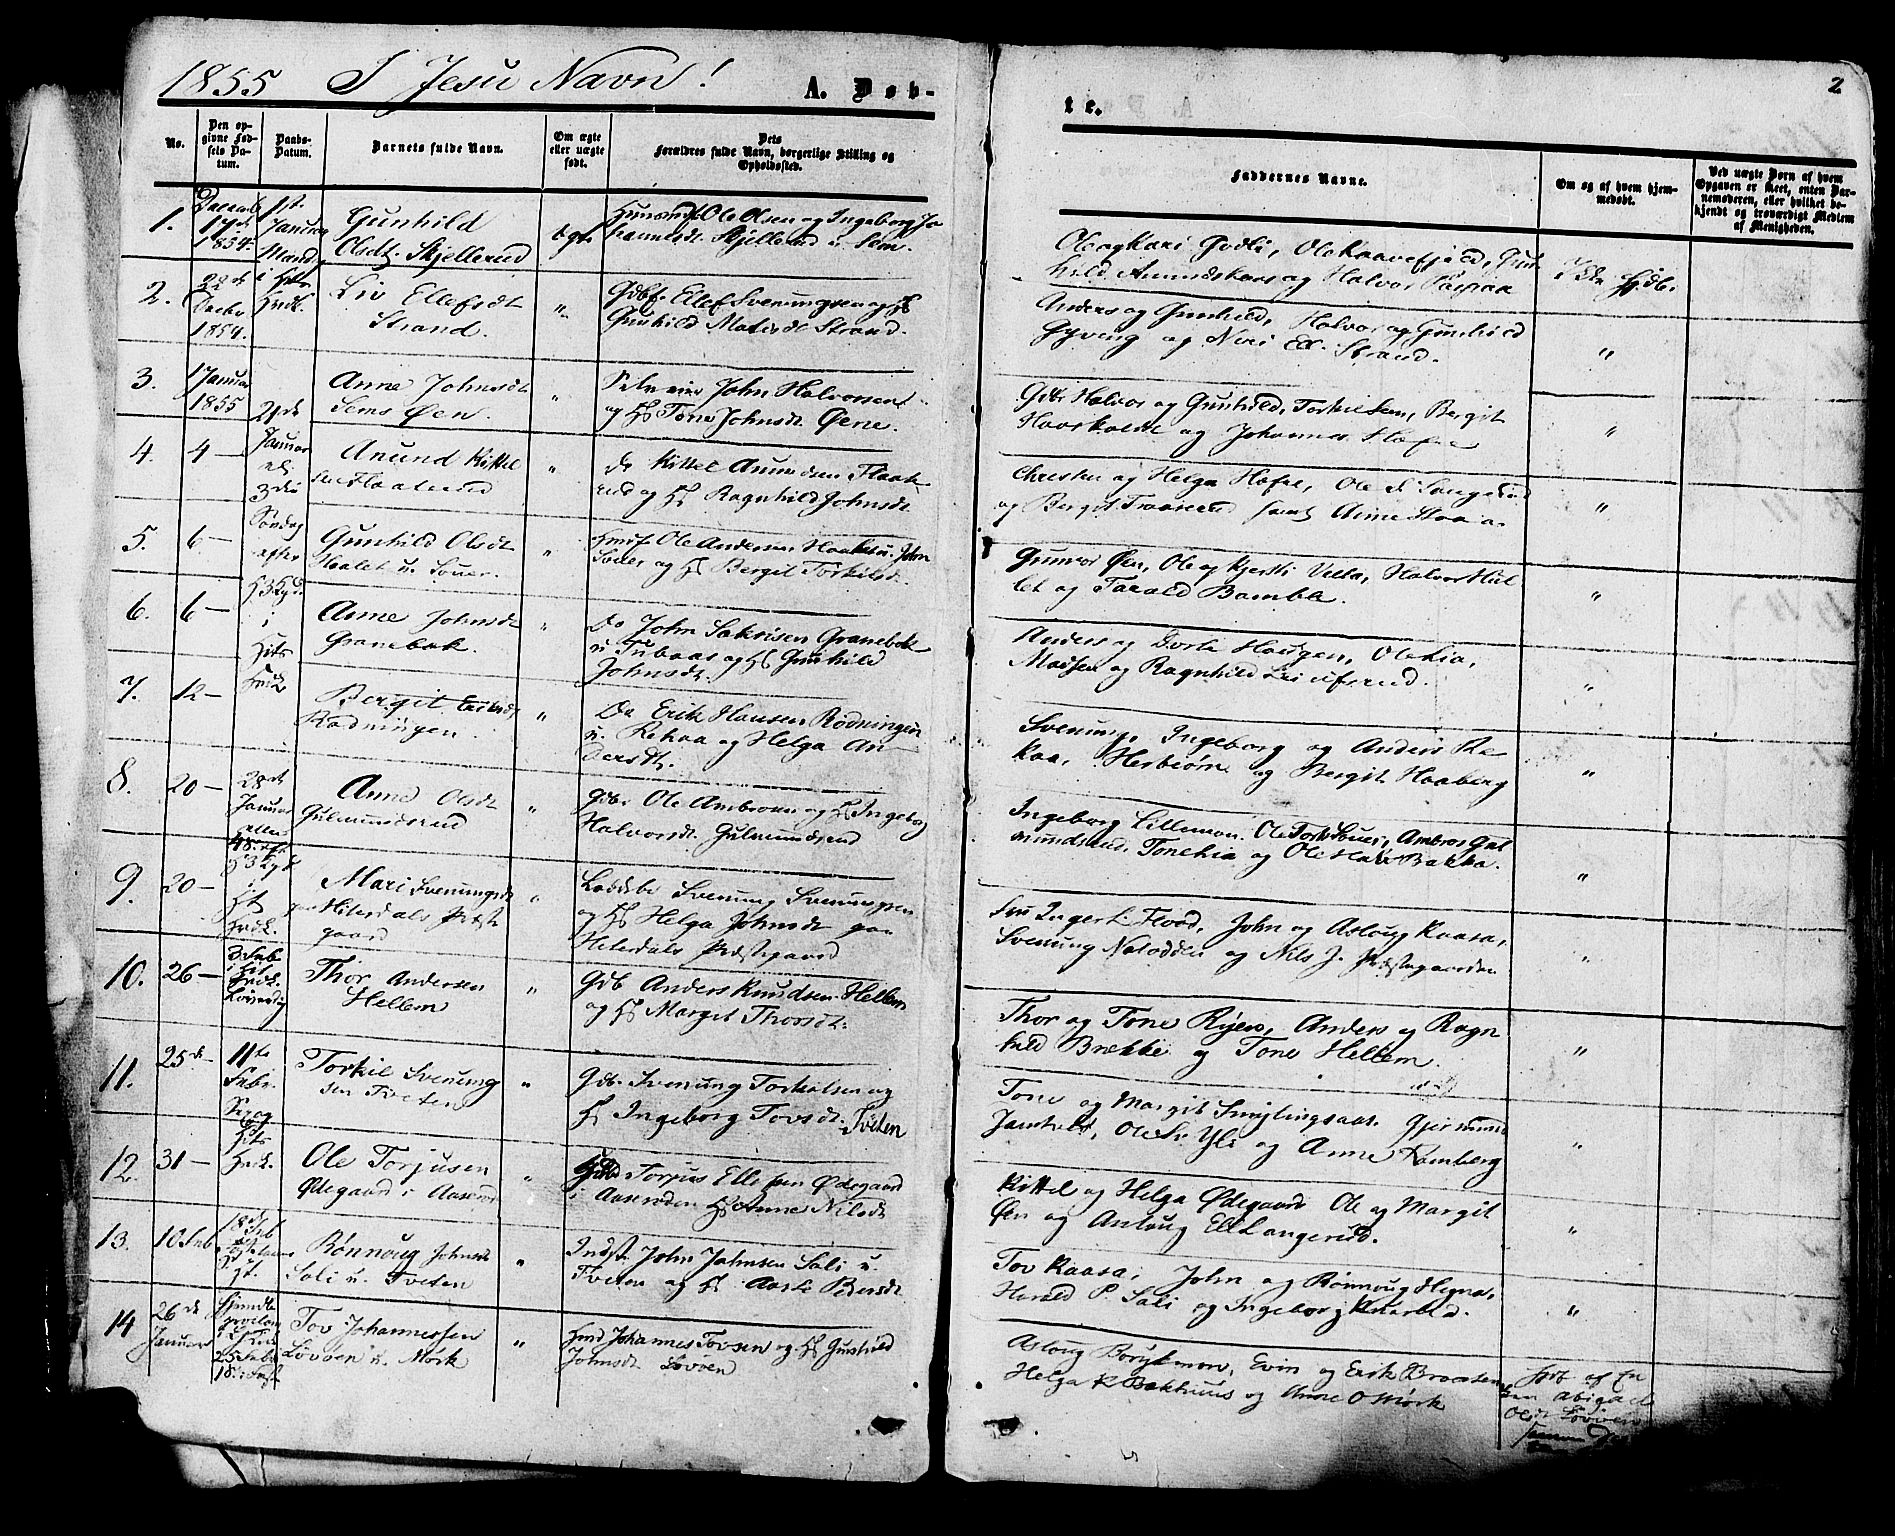 SAKO, Heddal kirkebøker, F/Fa/L0007: Ministerialbok nr. I 7, 1855-1877, s. 2